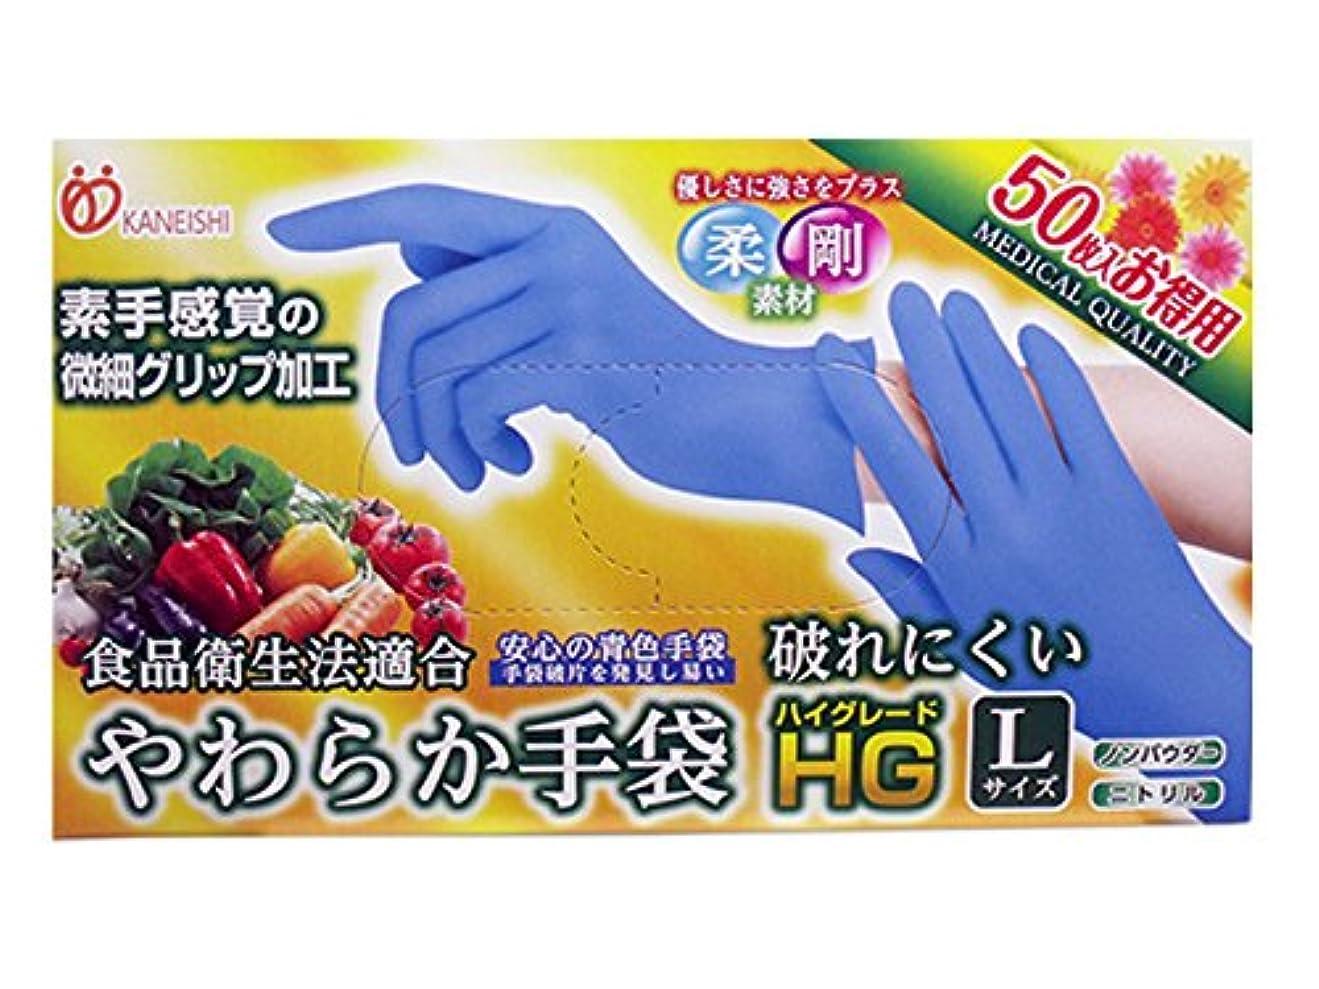 見捨てられたなめるケント使い捨て手袋【カネイシ やわらか手袋HG二トリル手袋 粉無スーパーブルー】500枚(50枚入X10箱) 3サイズ選択可 (Lサイズ)